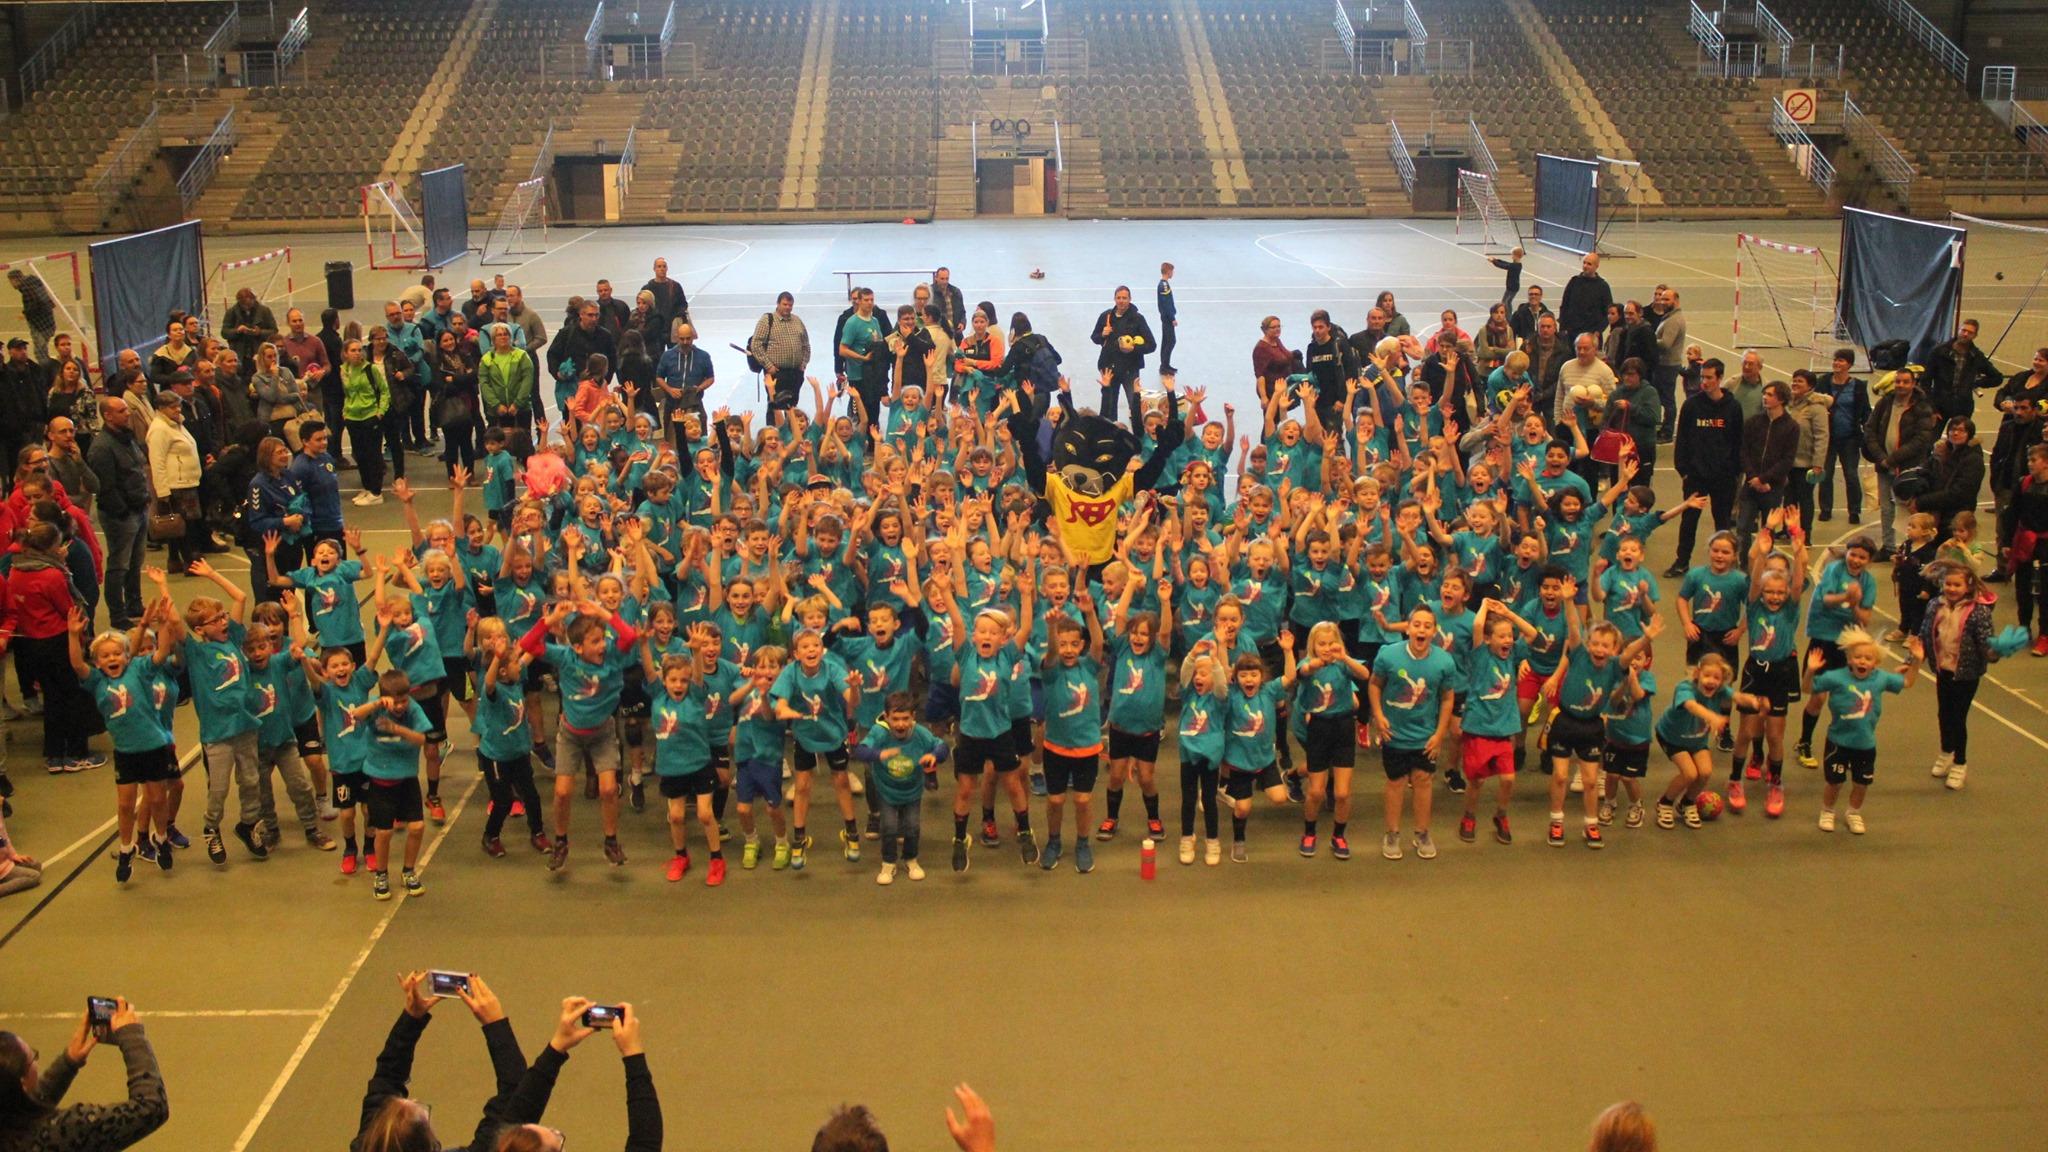 Kidsday is megasucces (Lommel) - Het Belang van Limburg